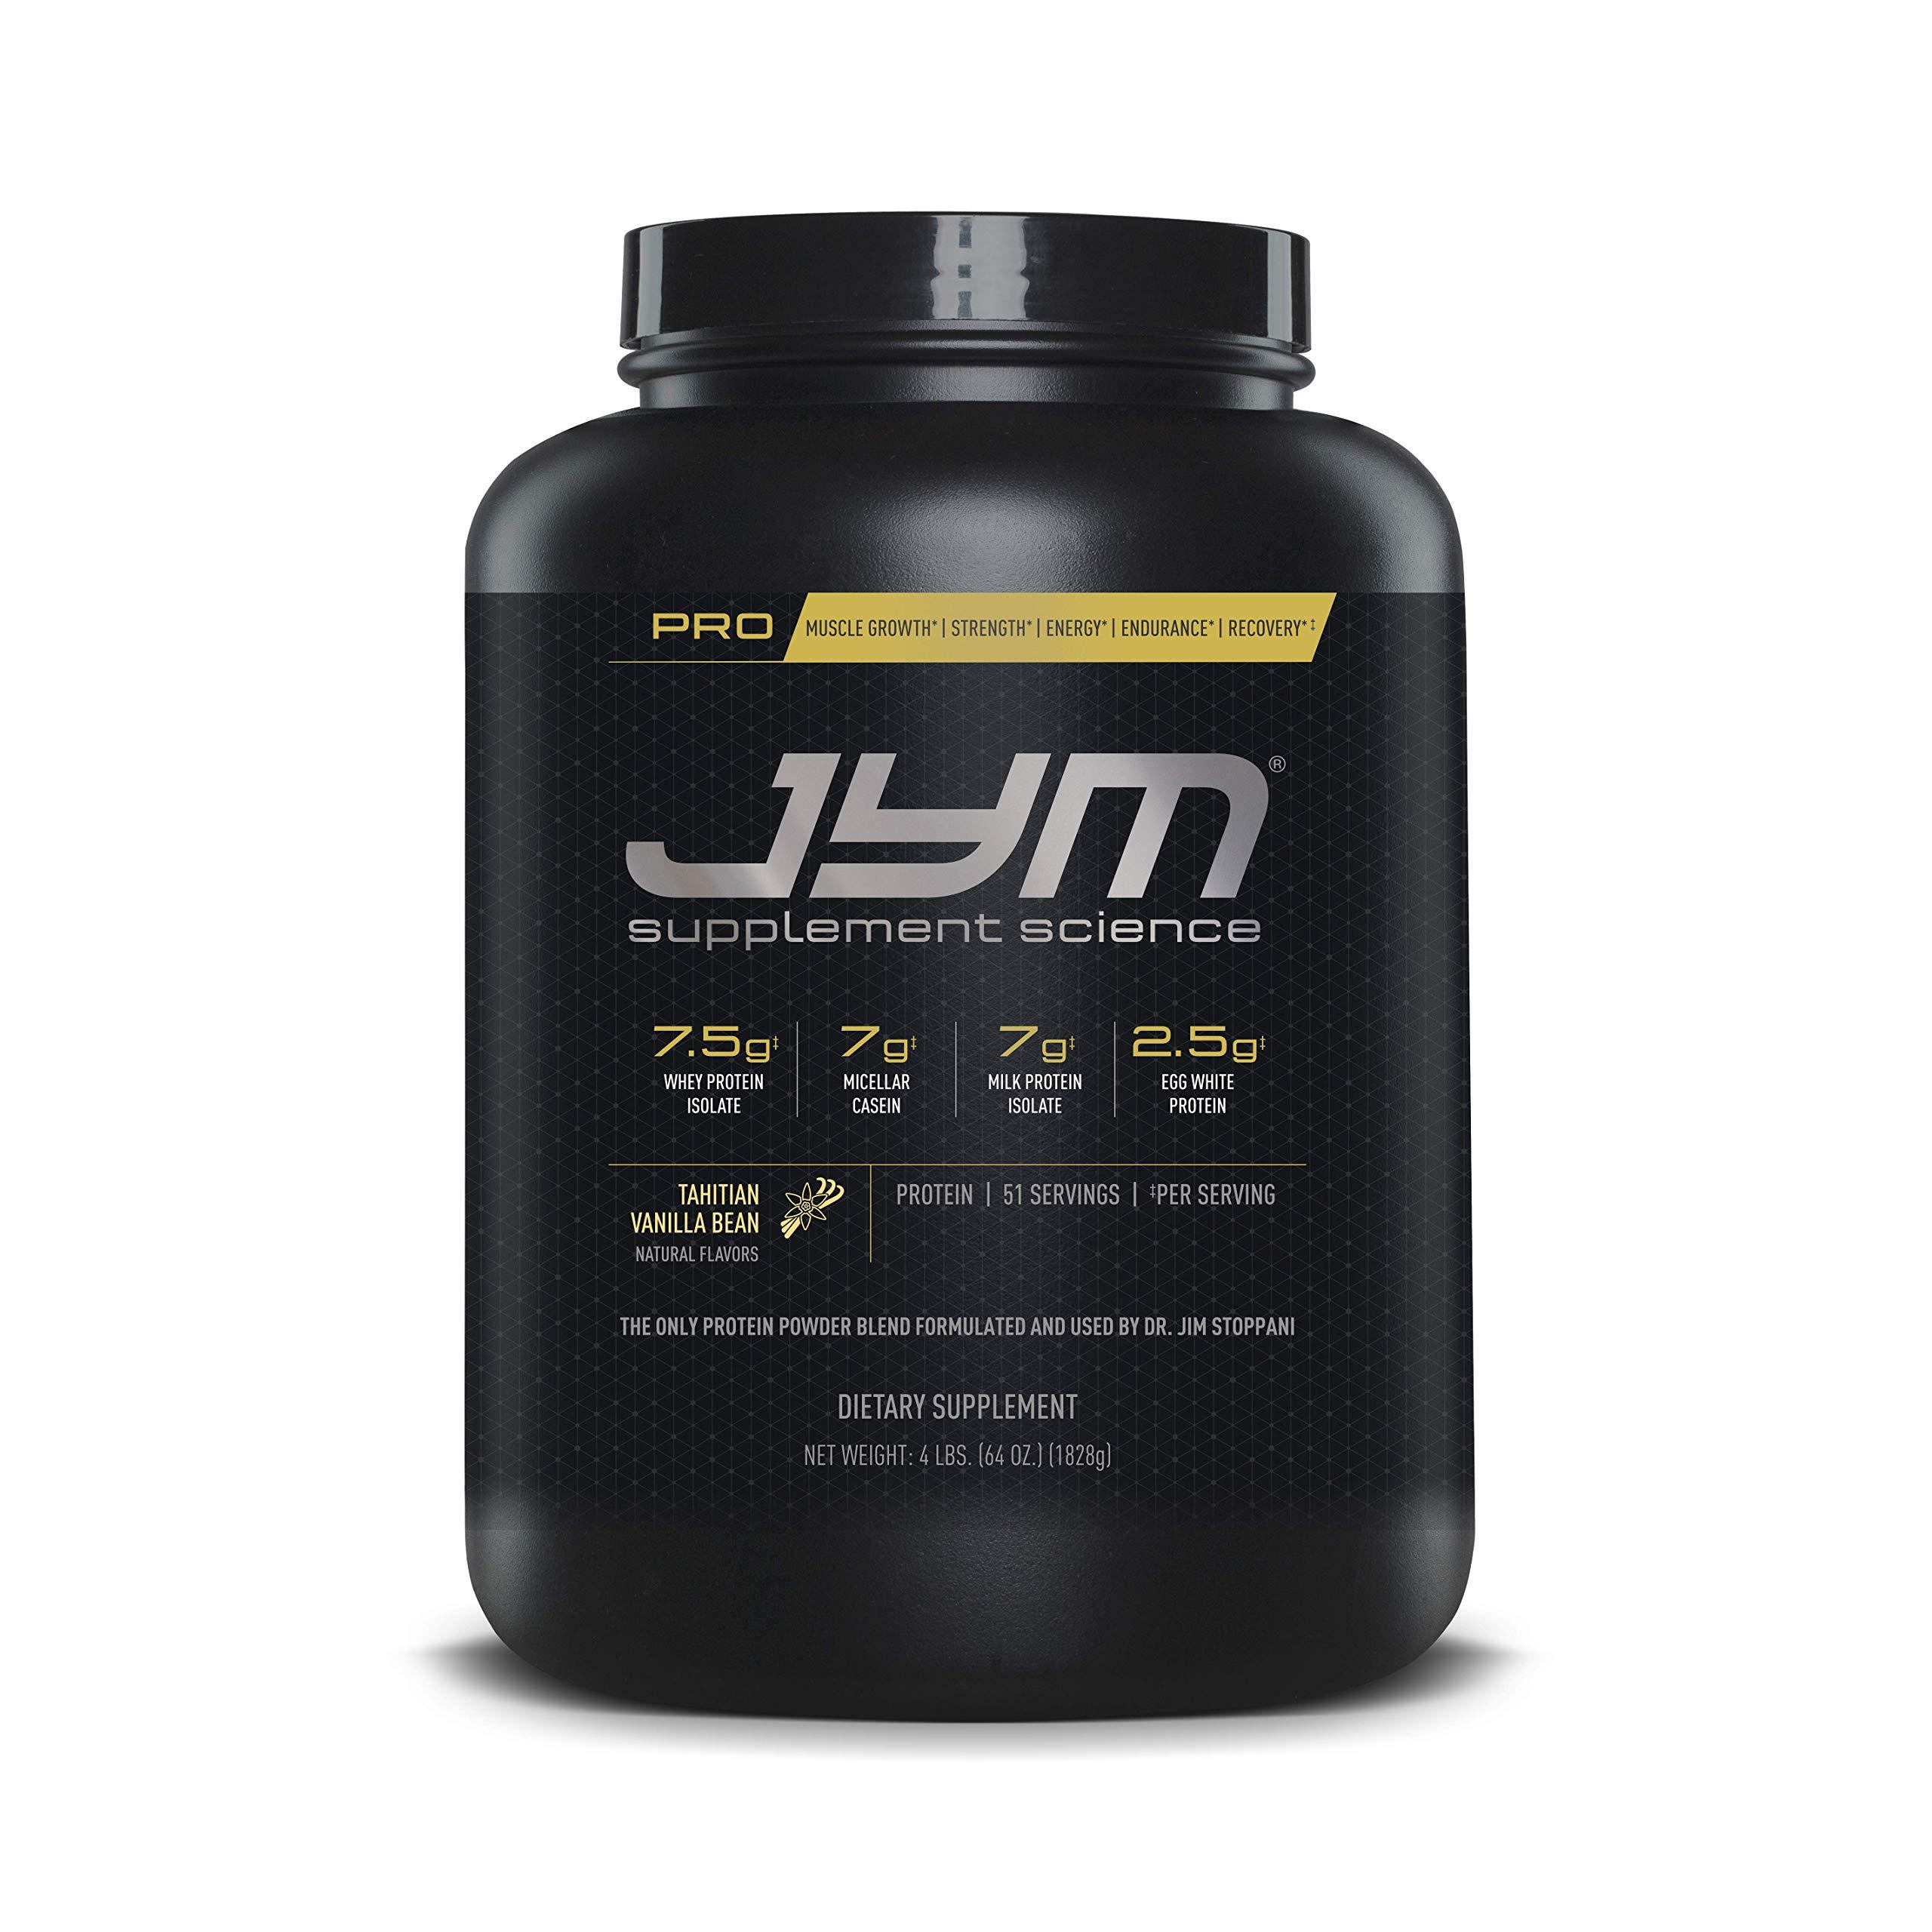 Pro Jym Protein Powder - Egg White, Milk, Whey protein isolates & Micellar Casein | JYM Supplement Science | Tahitian Vanilla Bean Flavor, 4 Lb by JYM Supplement Science